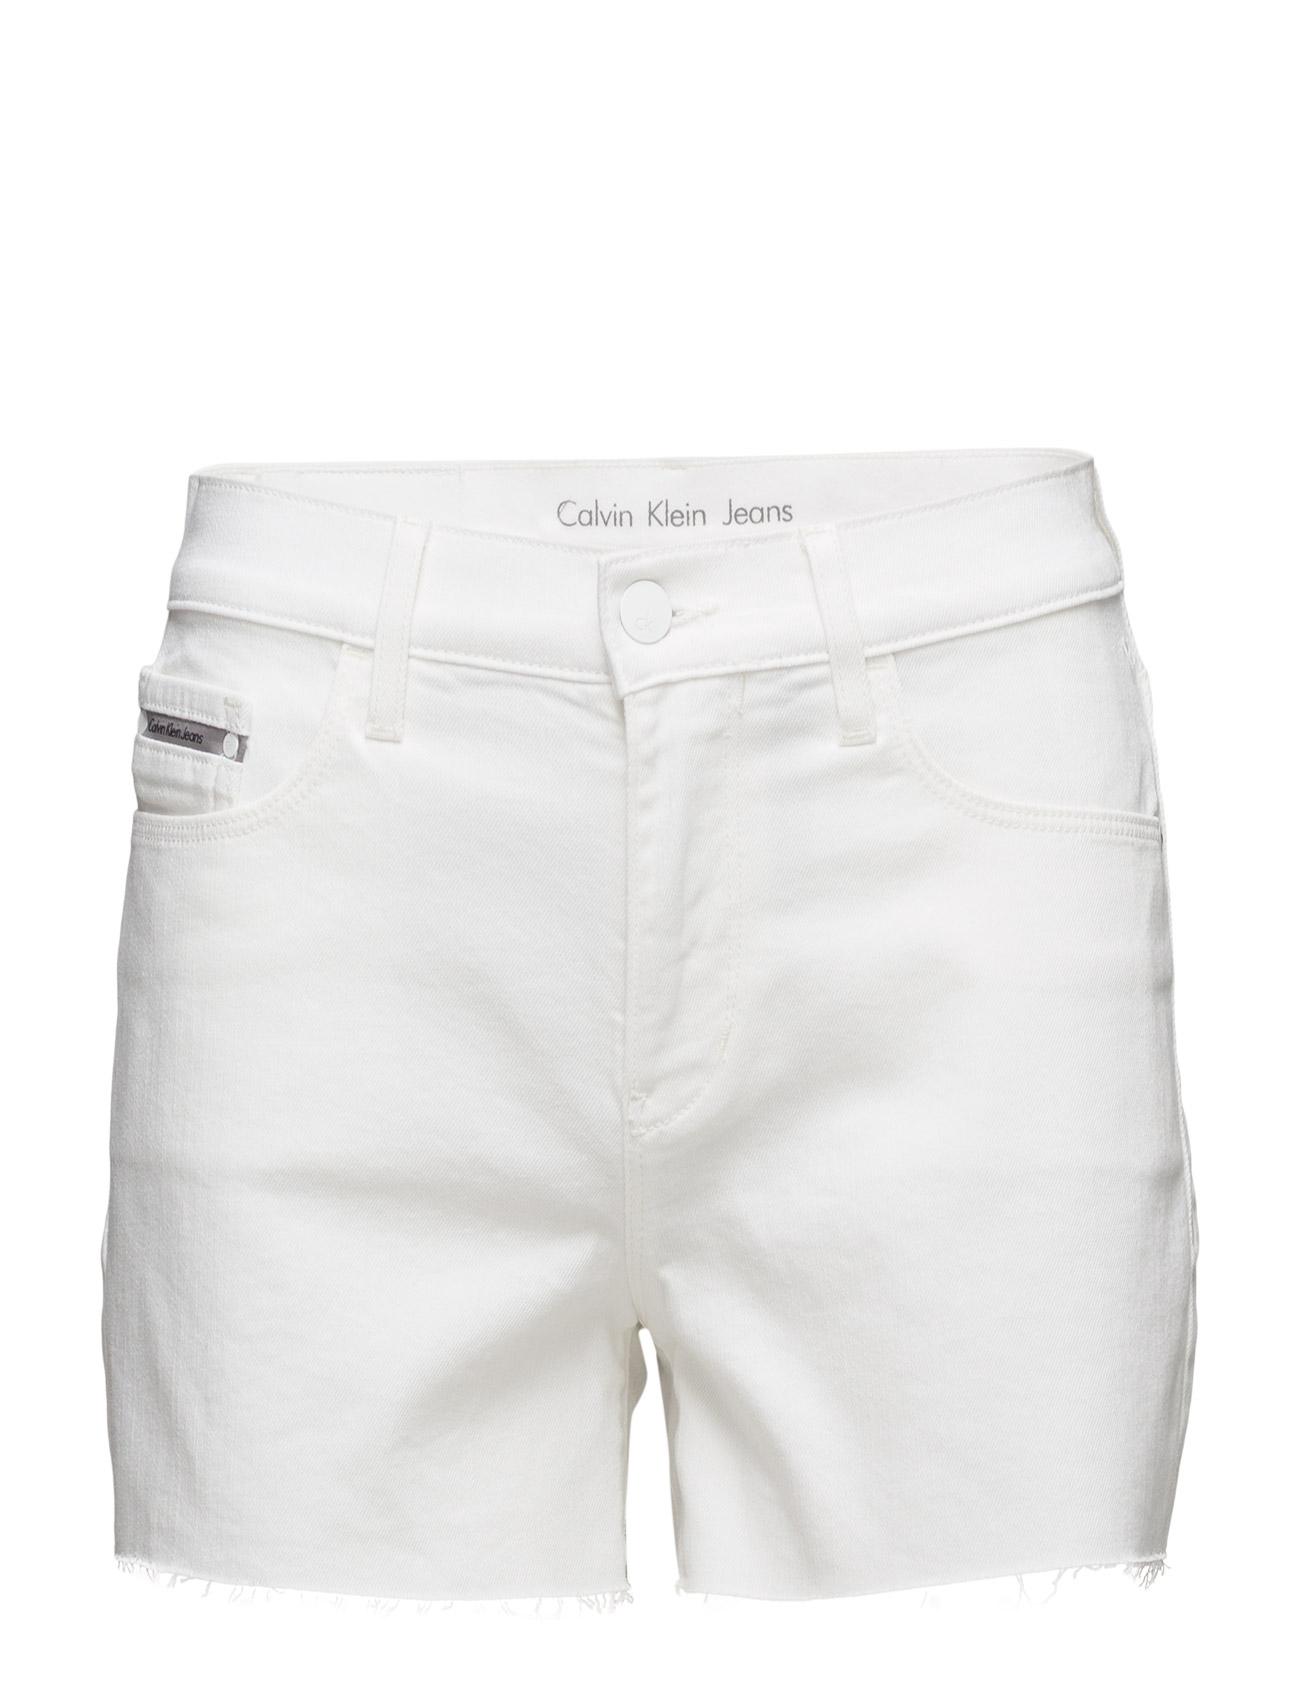 calvin klein jeans – Cut off short - infi på boozt.com dk